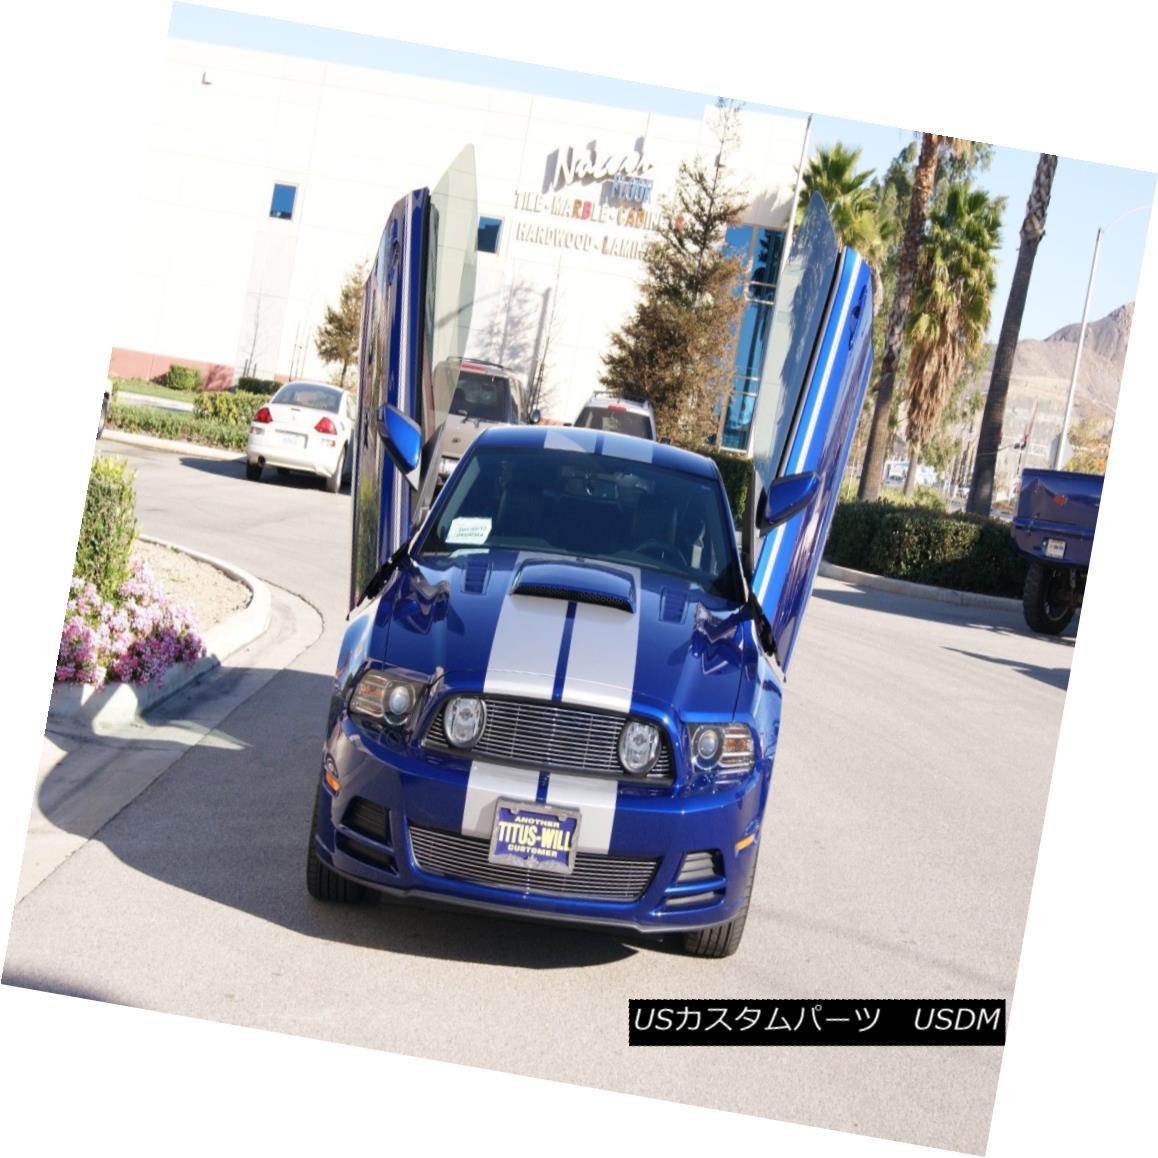 ガルウィングキット Ford Mustang 11-14 Lambo Style door kit By Vertical Doors INC フォードマスタング11-14 Lambo StyleドアキットBy Vertical Doors INC